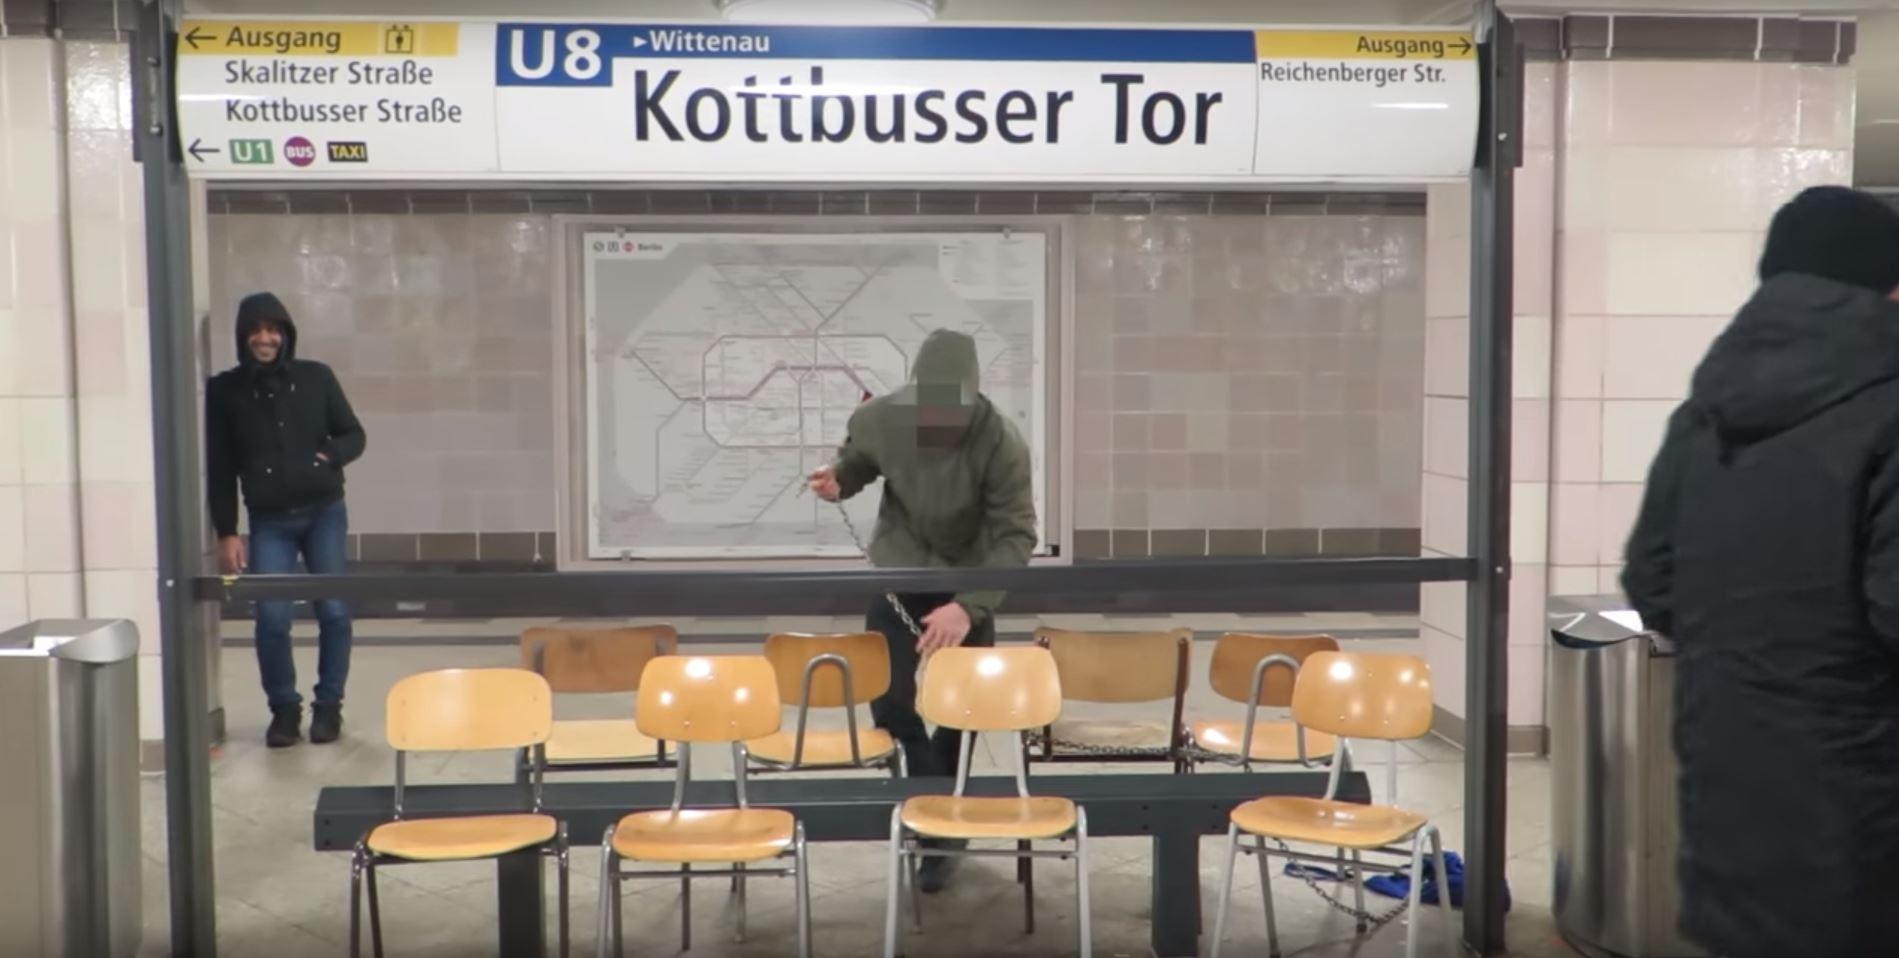 TOY, Bankraub, Wochenrückblick